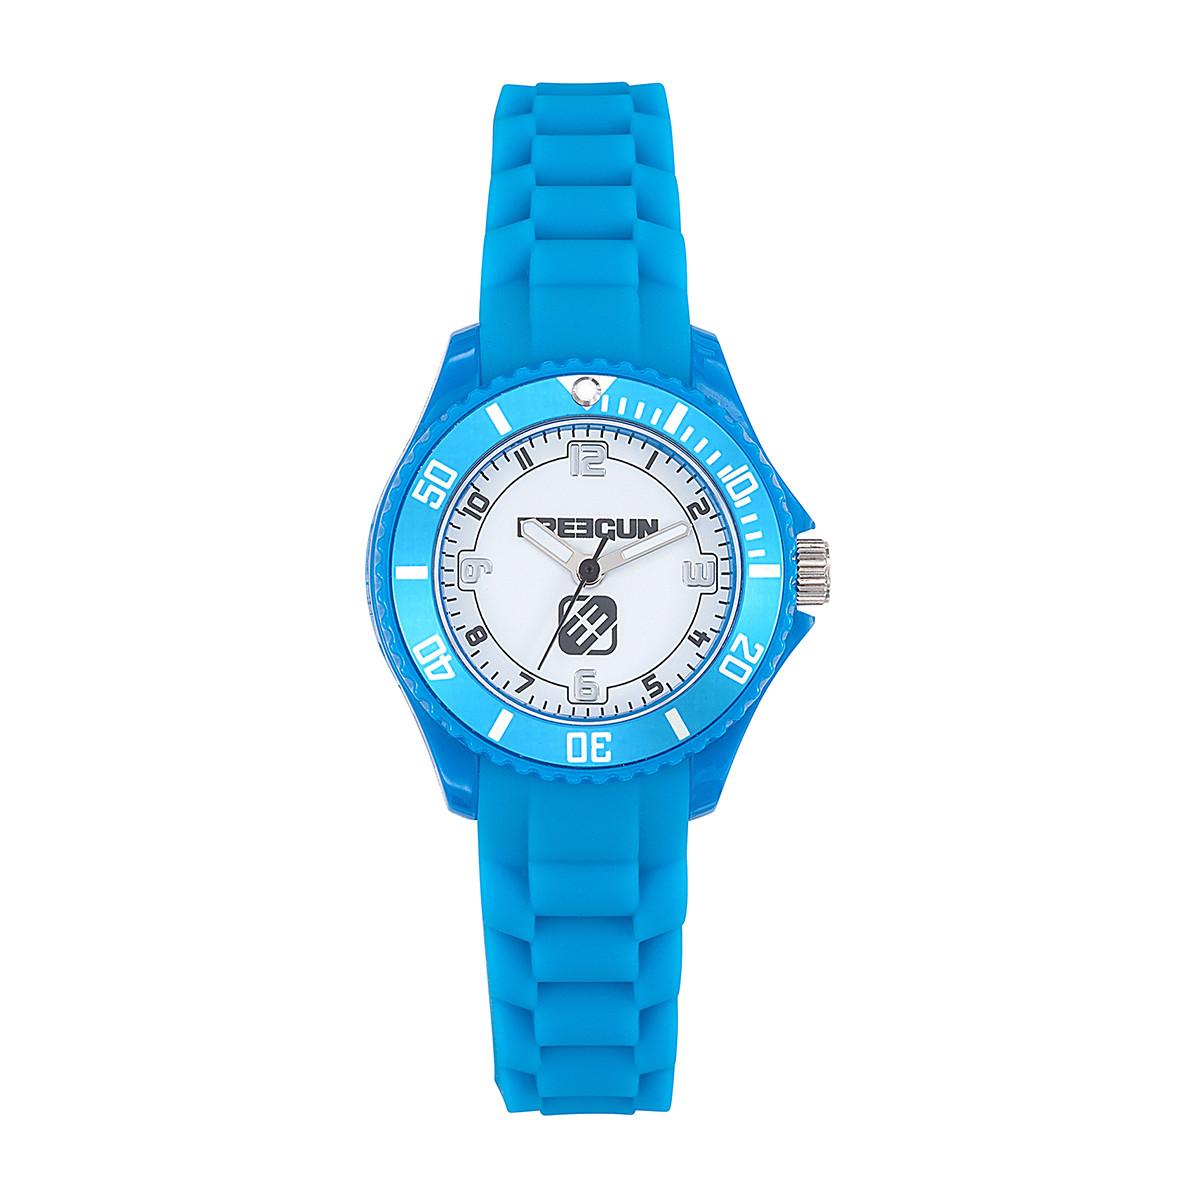 Montre Garçon Freegun Ride Bracelet en silicone bleu - EE5251